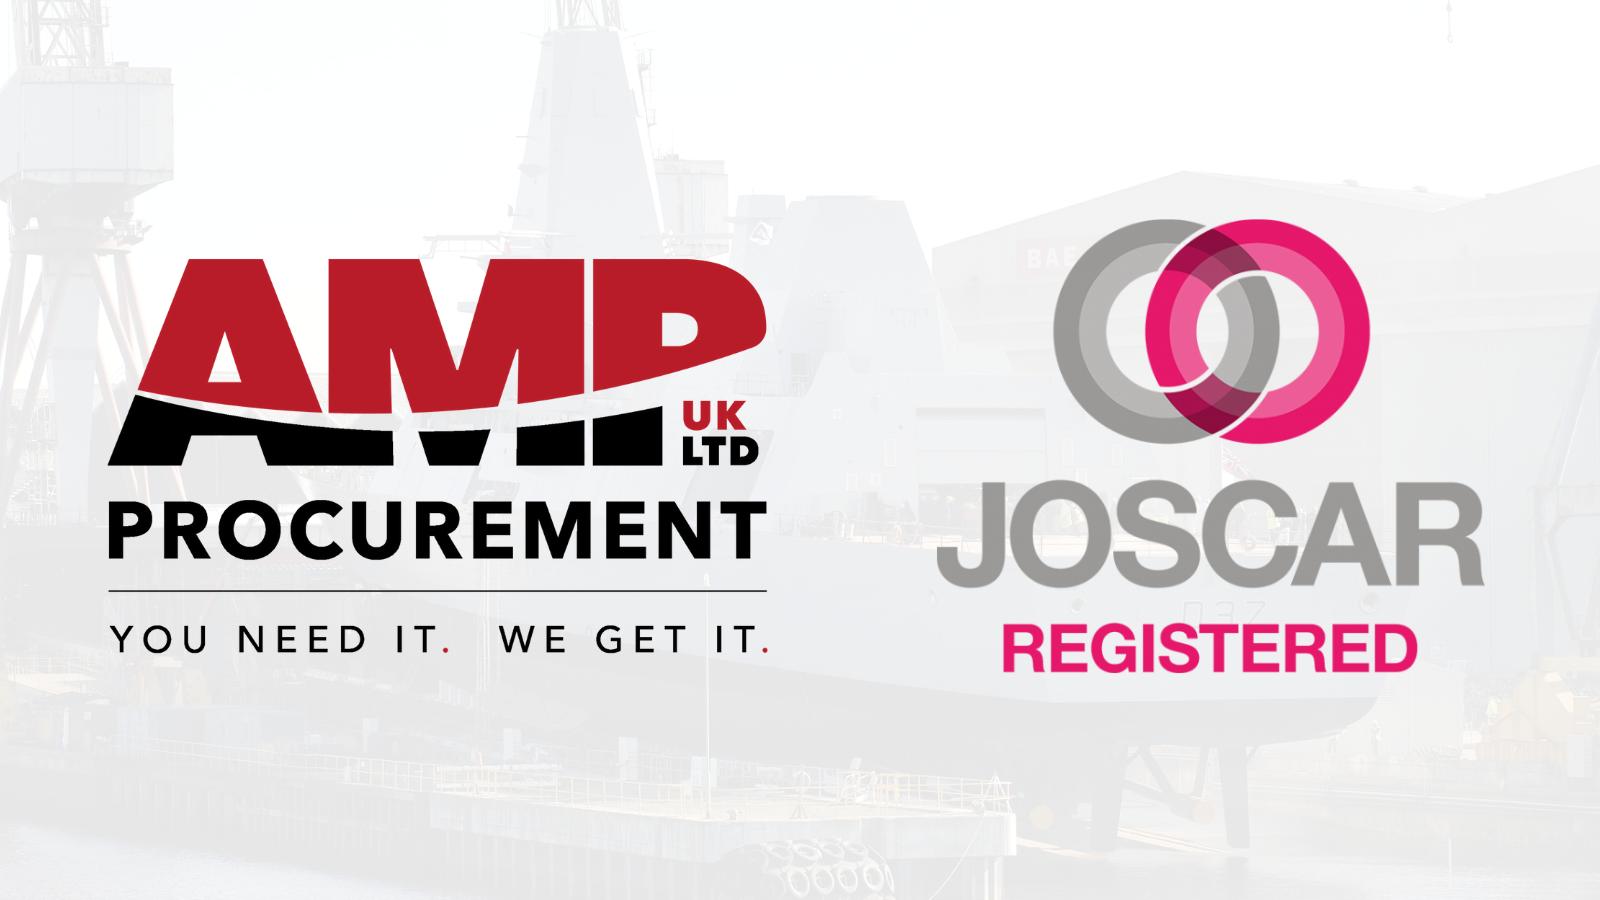 AMP Procurement Receive JOSCAR Accreditation